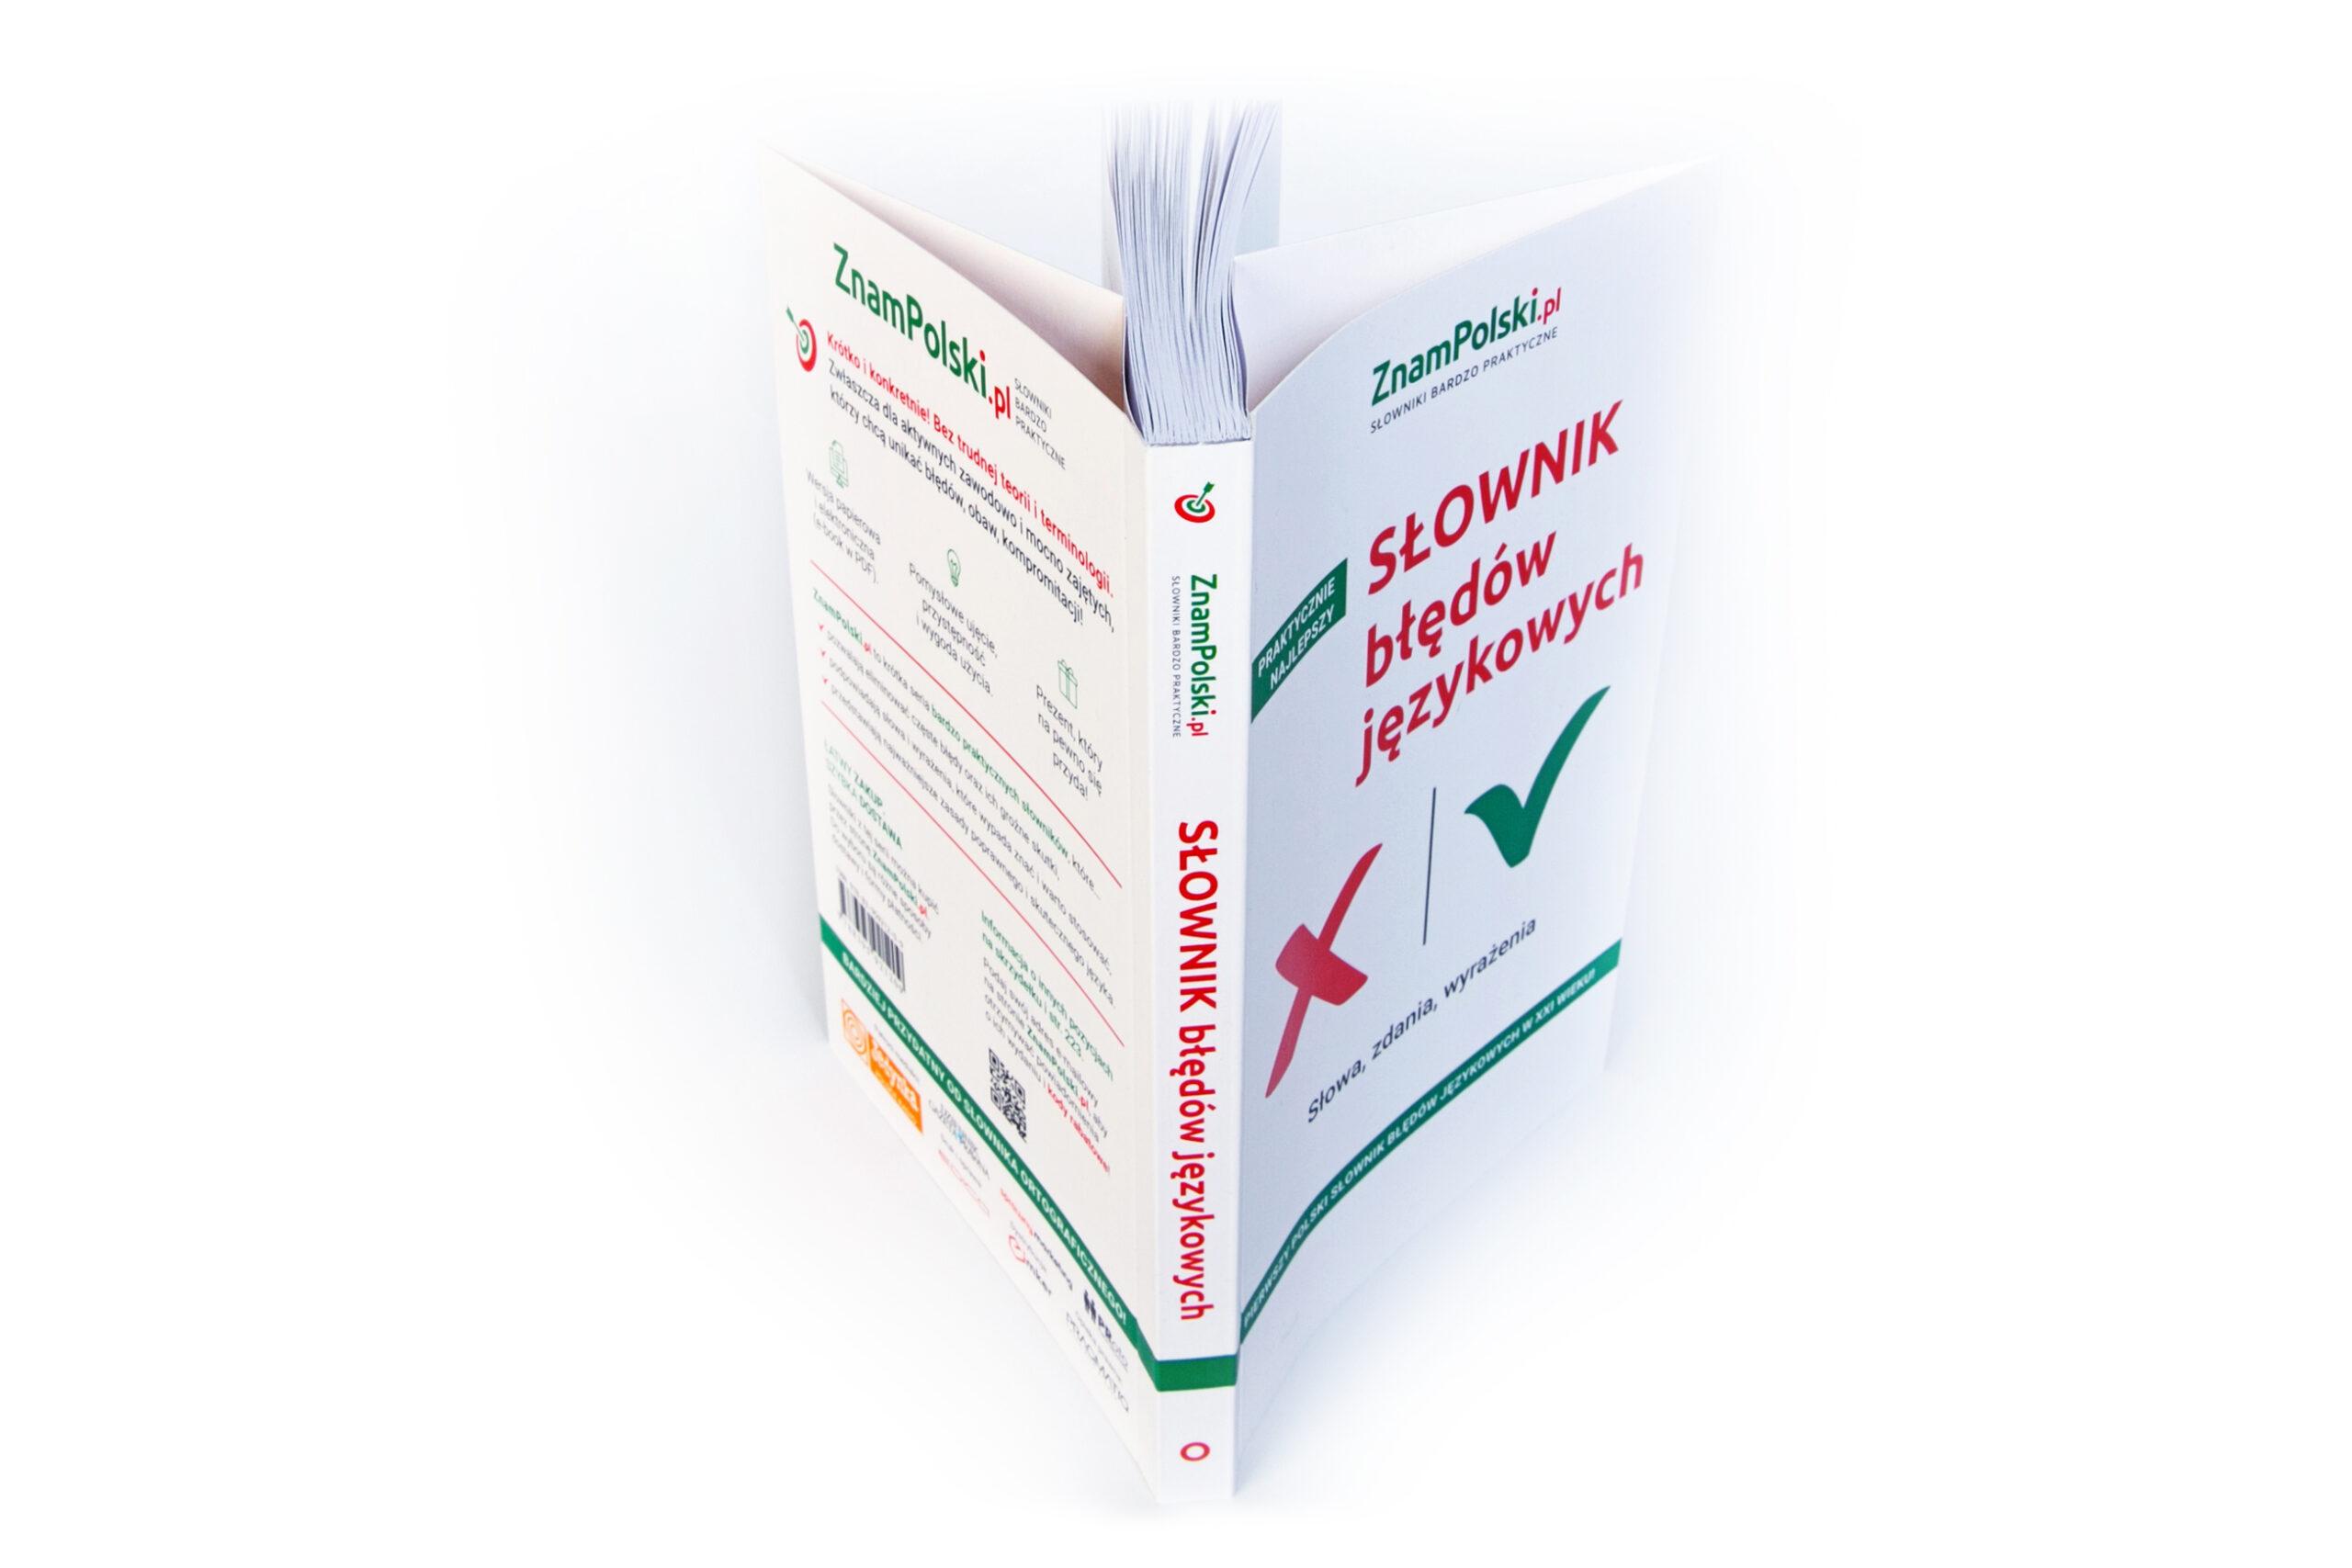 Książka słownik błędów językowych